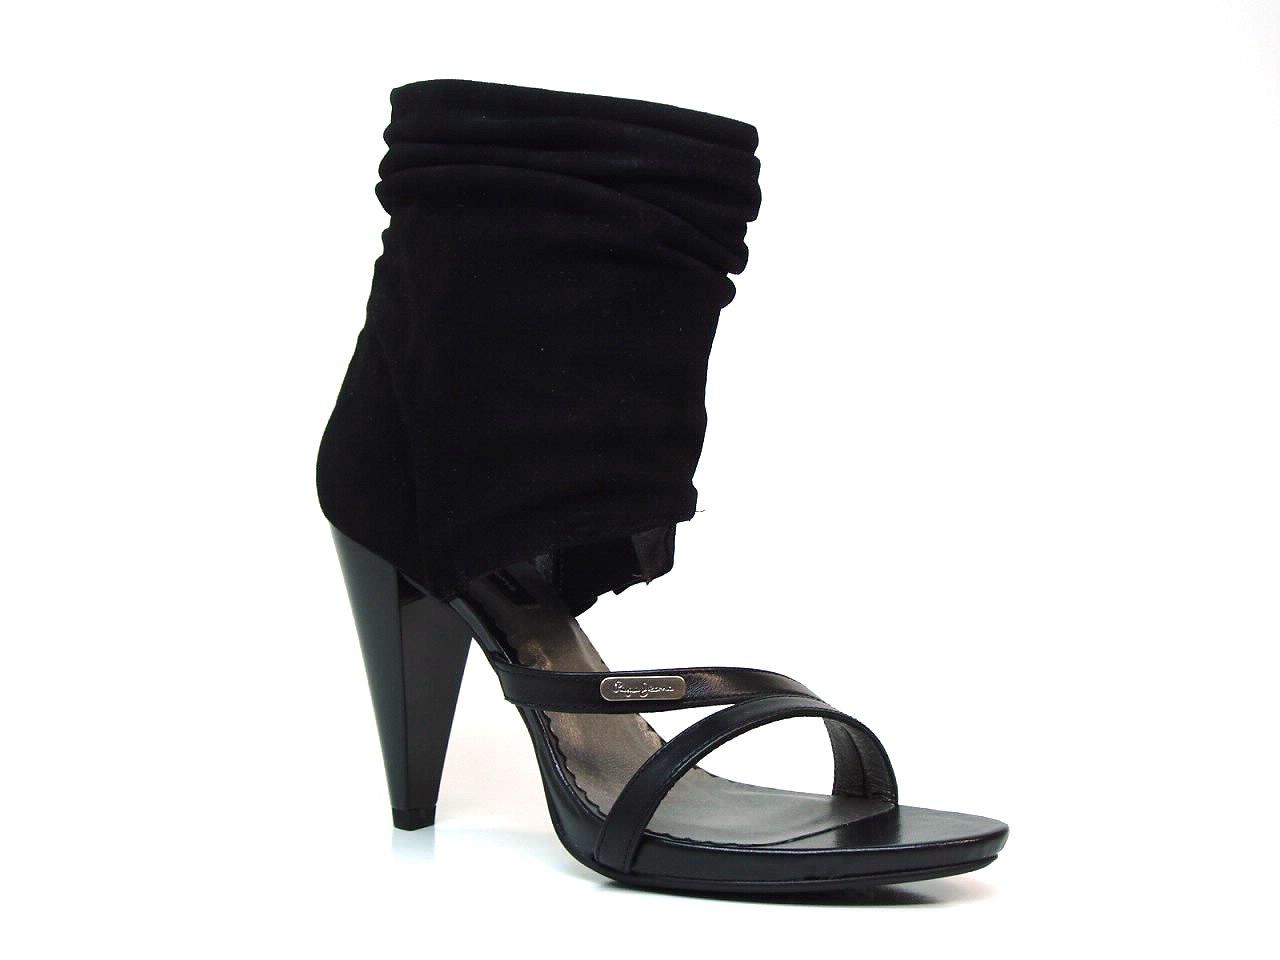 Sandálias de Salto Pepe Jeans - 396BL121